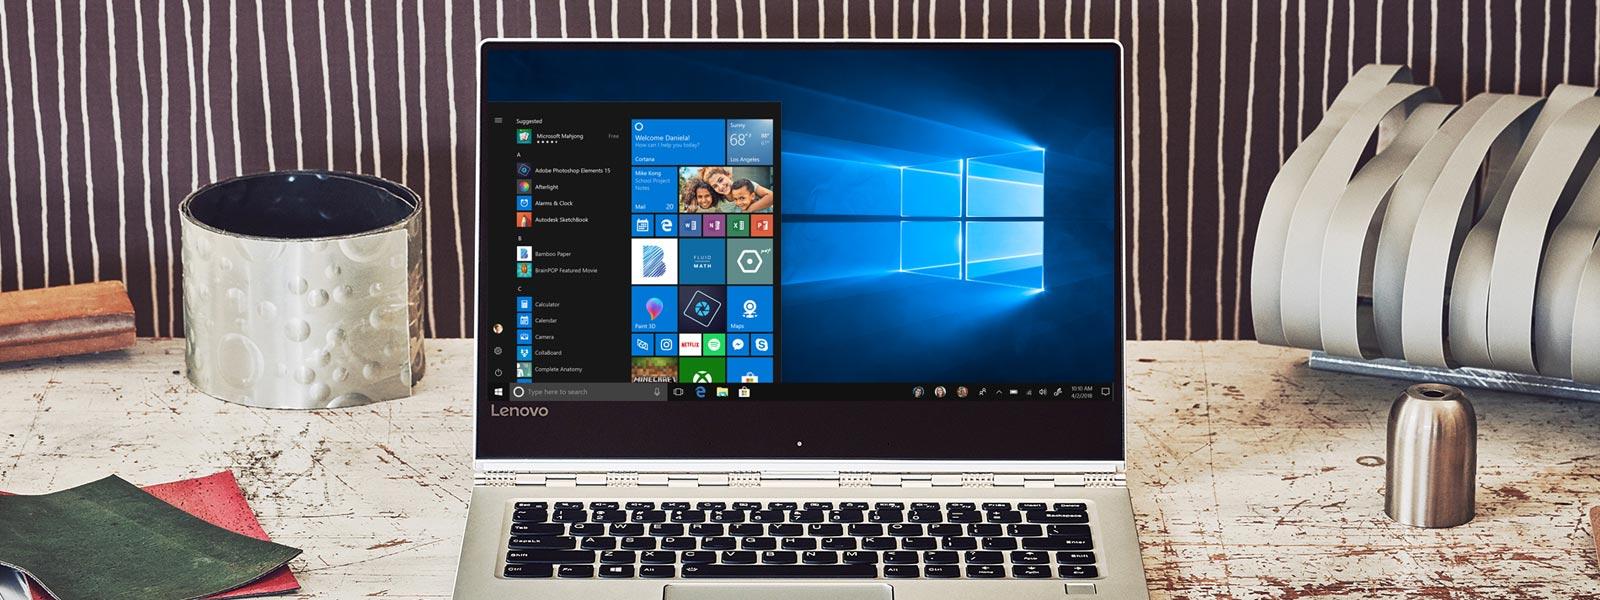 Un ordinateur portable sur un bureau avec écran d'accueil Windows10